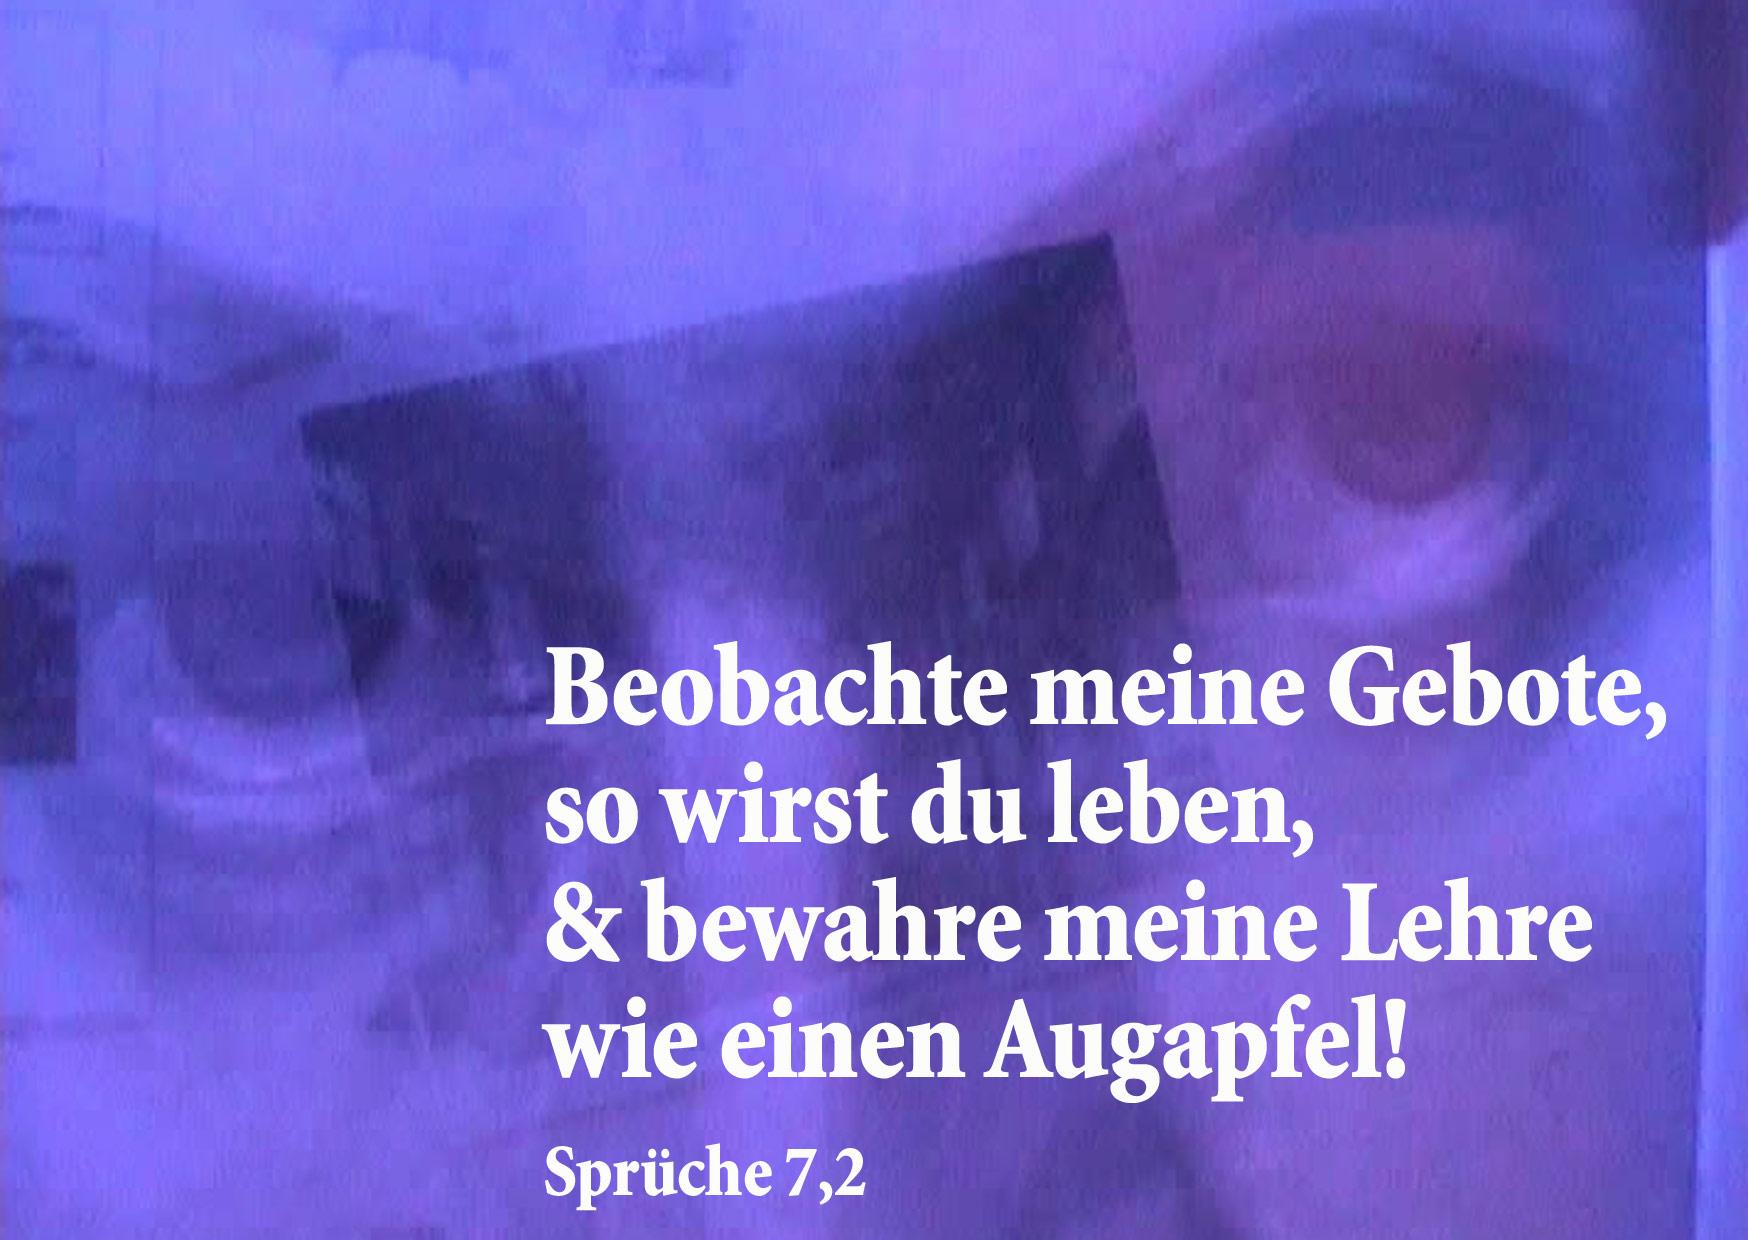 02_07_spr7_2, Augen, Sprüche7,2, Foto: Christine Danzer go 4 Jesus, Bibel